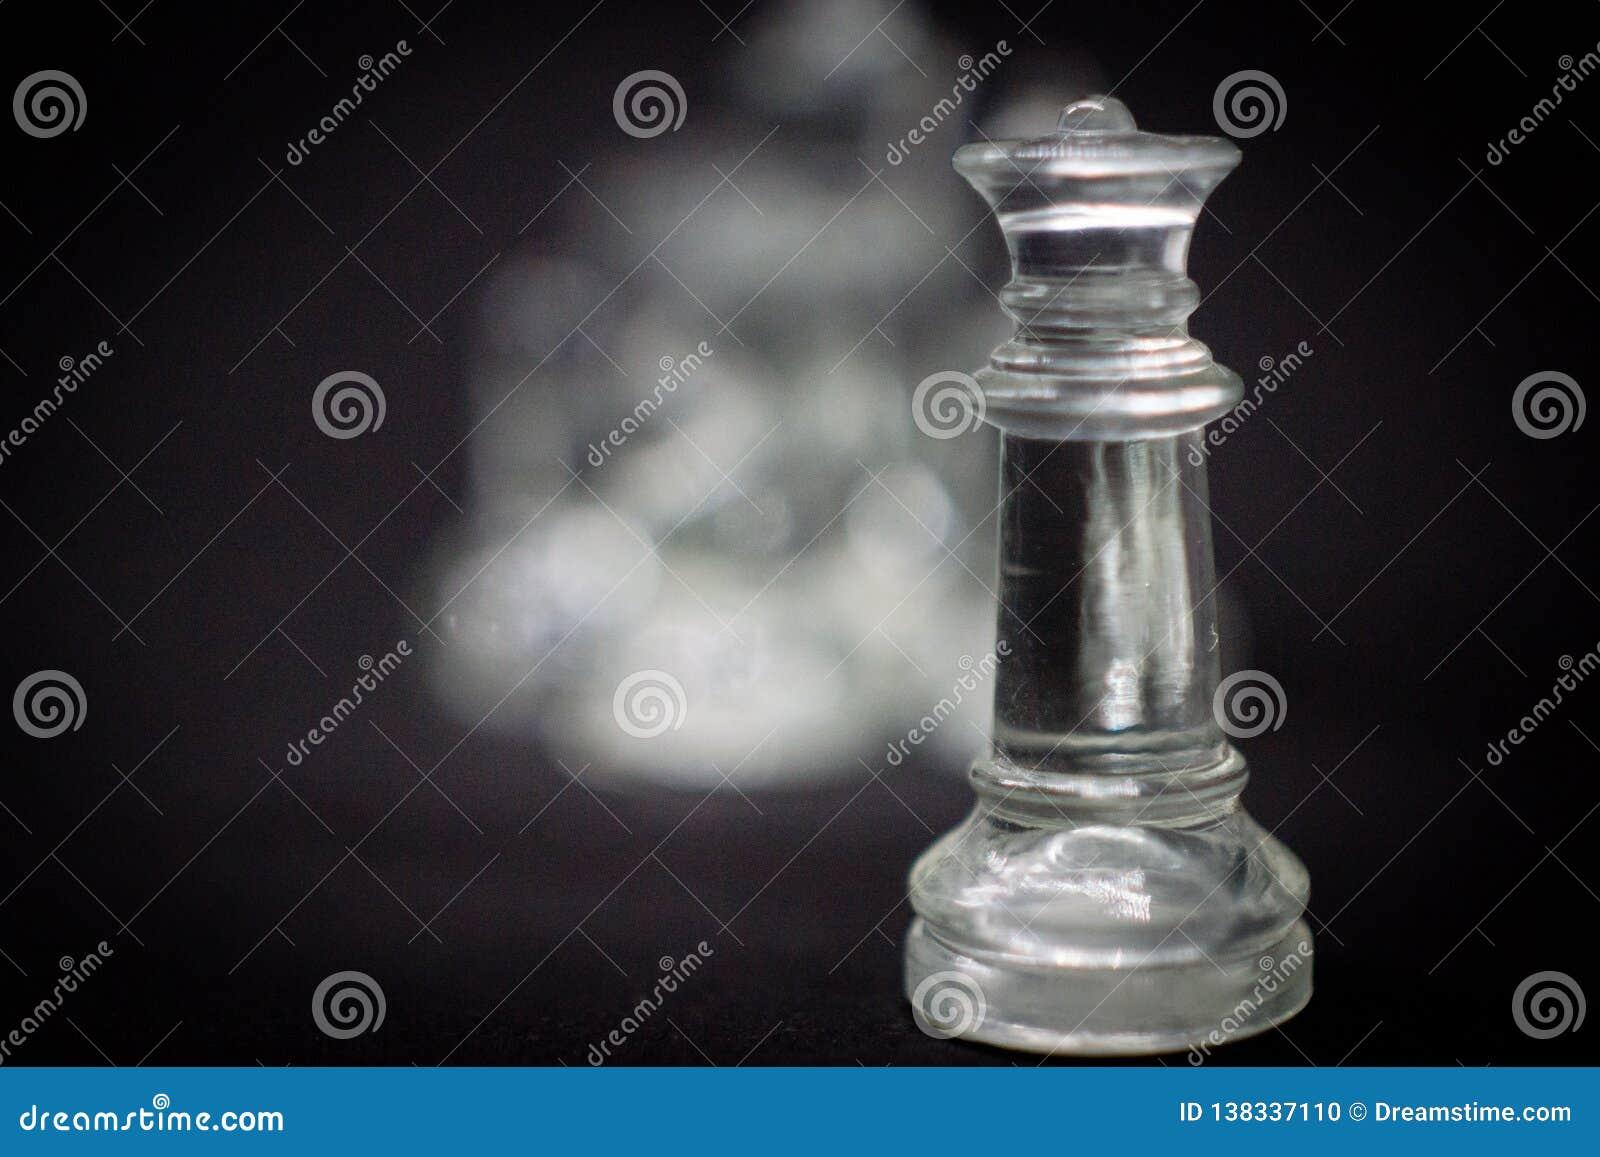 Drastisch seien Sie meine Königin, Schachfiguren auf einem schwarzen Hintergrund